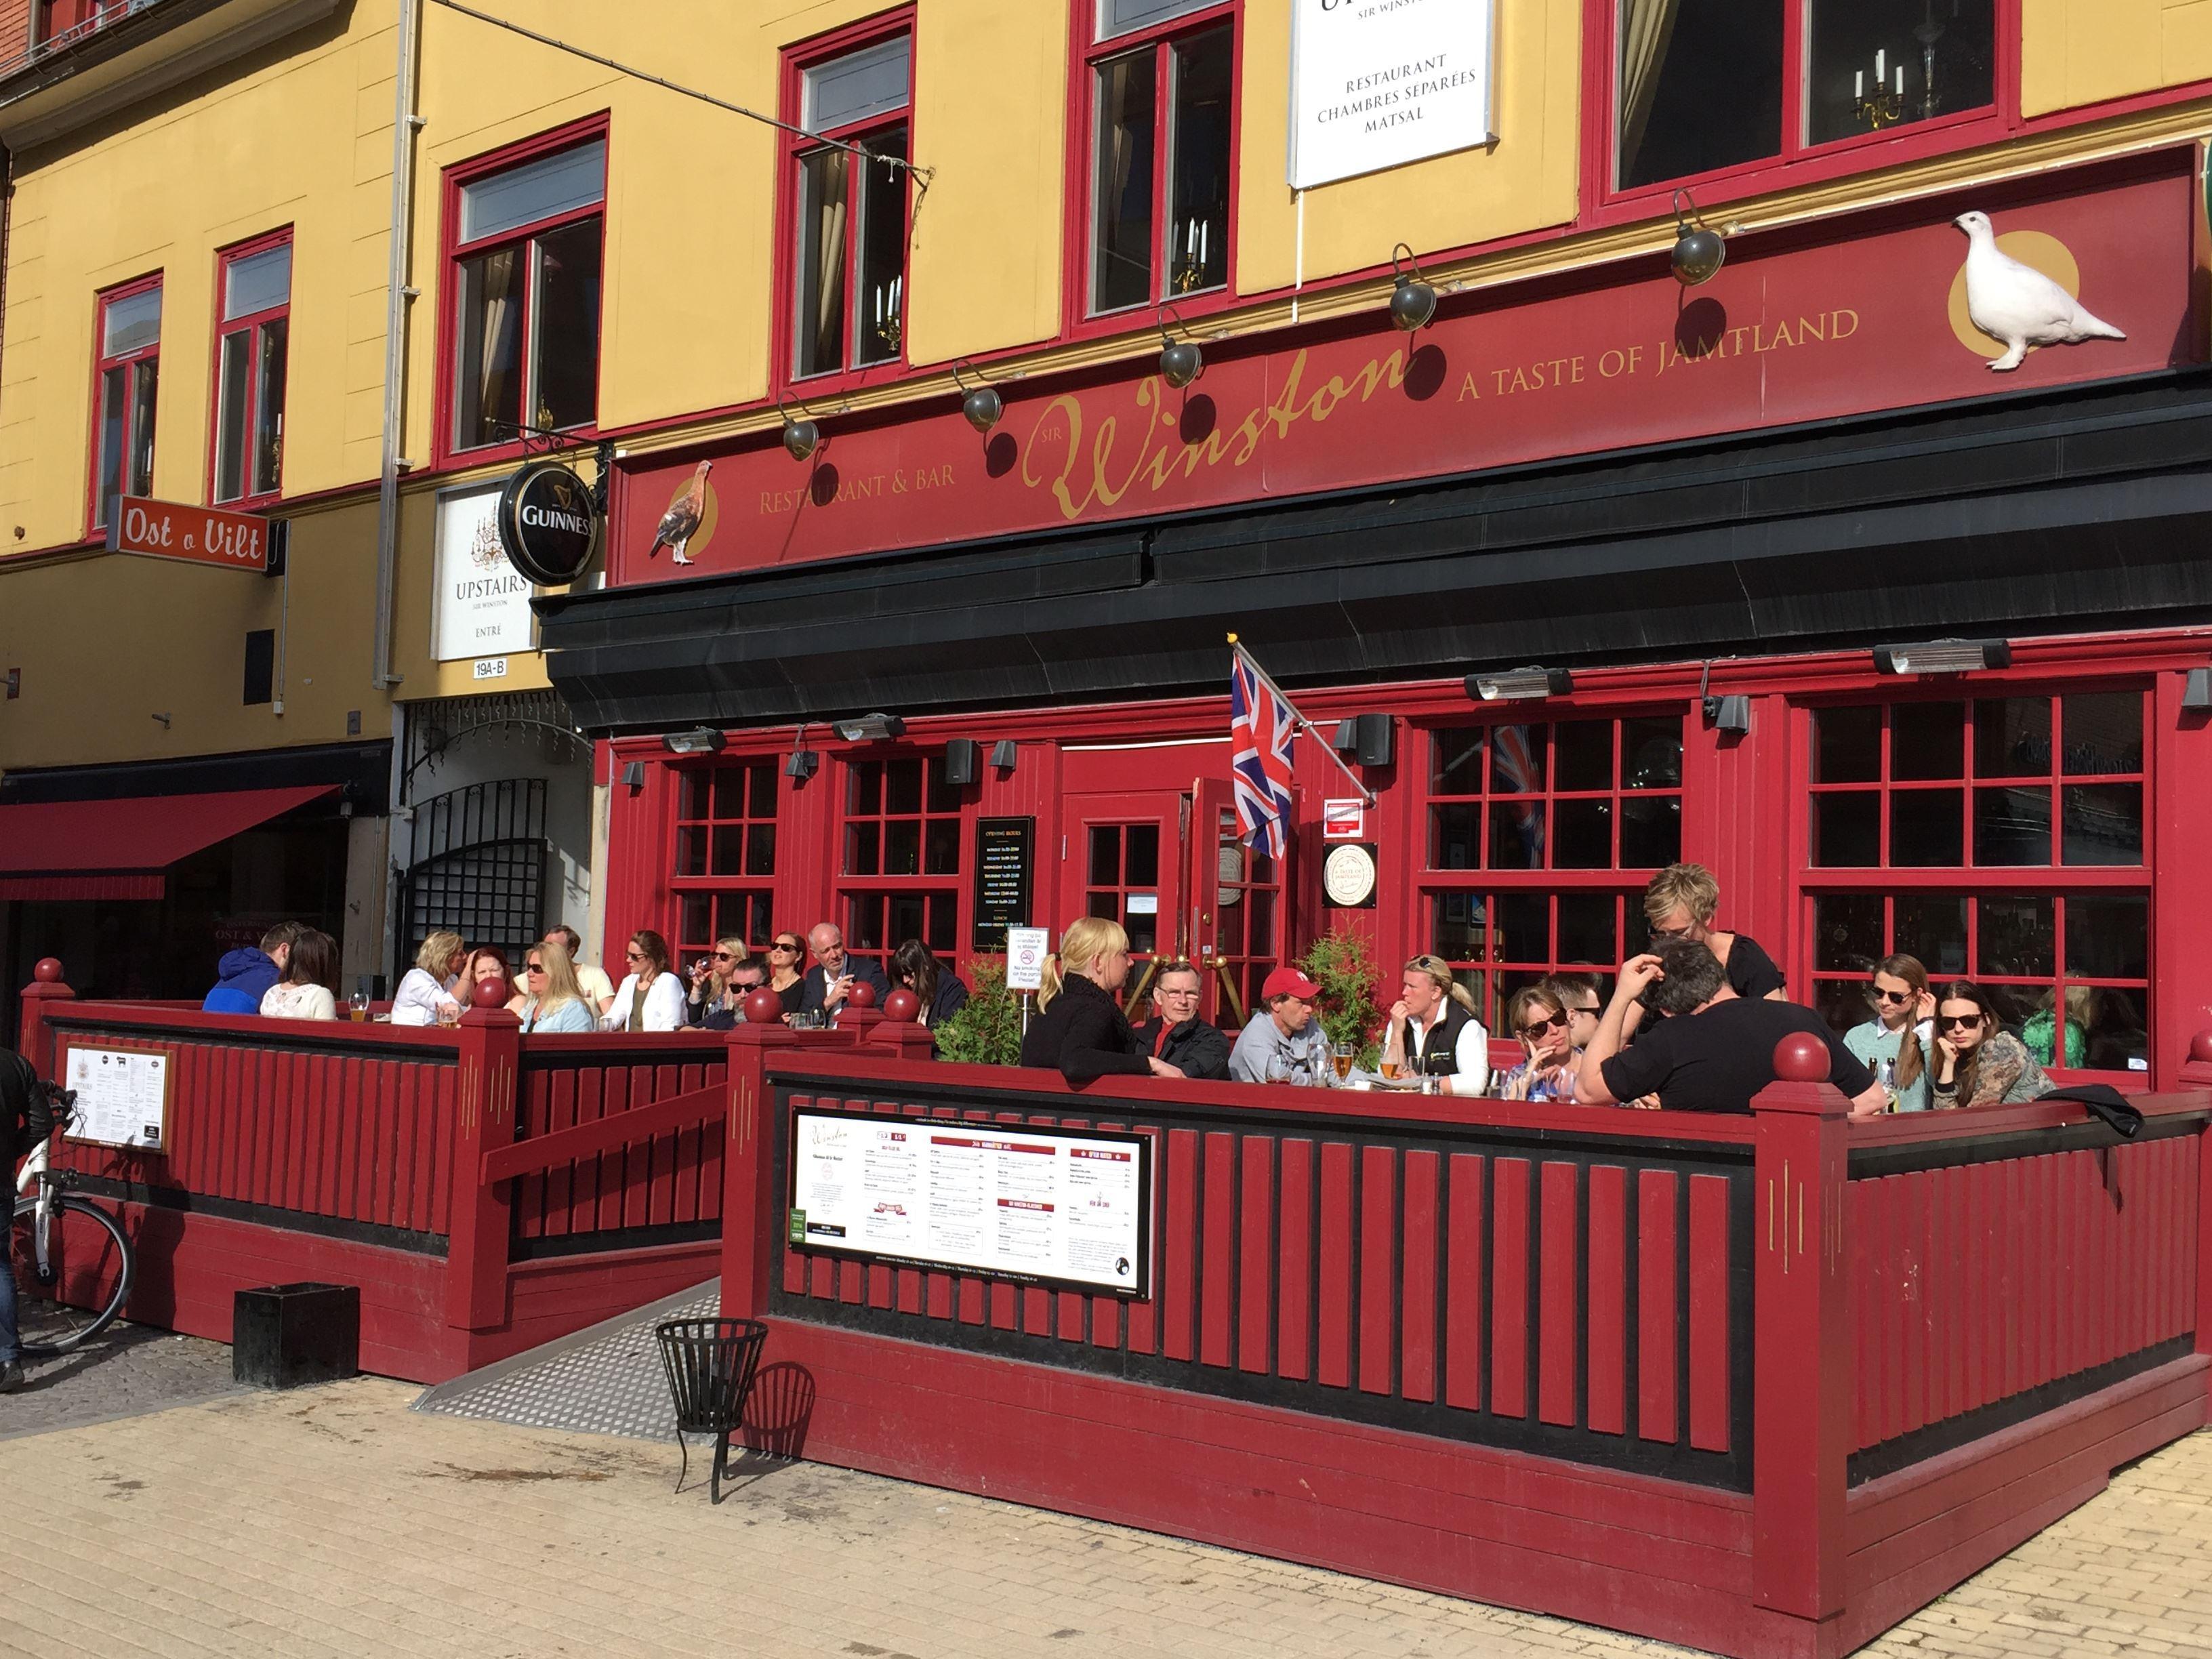 Sir Winston Restaurant & Bar